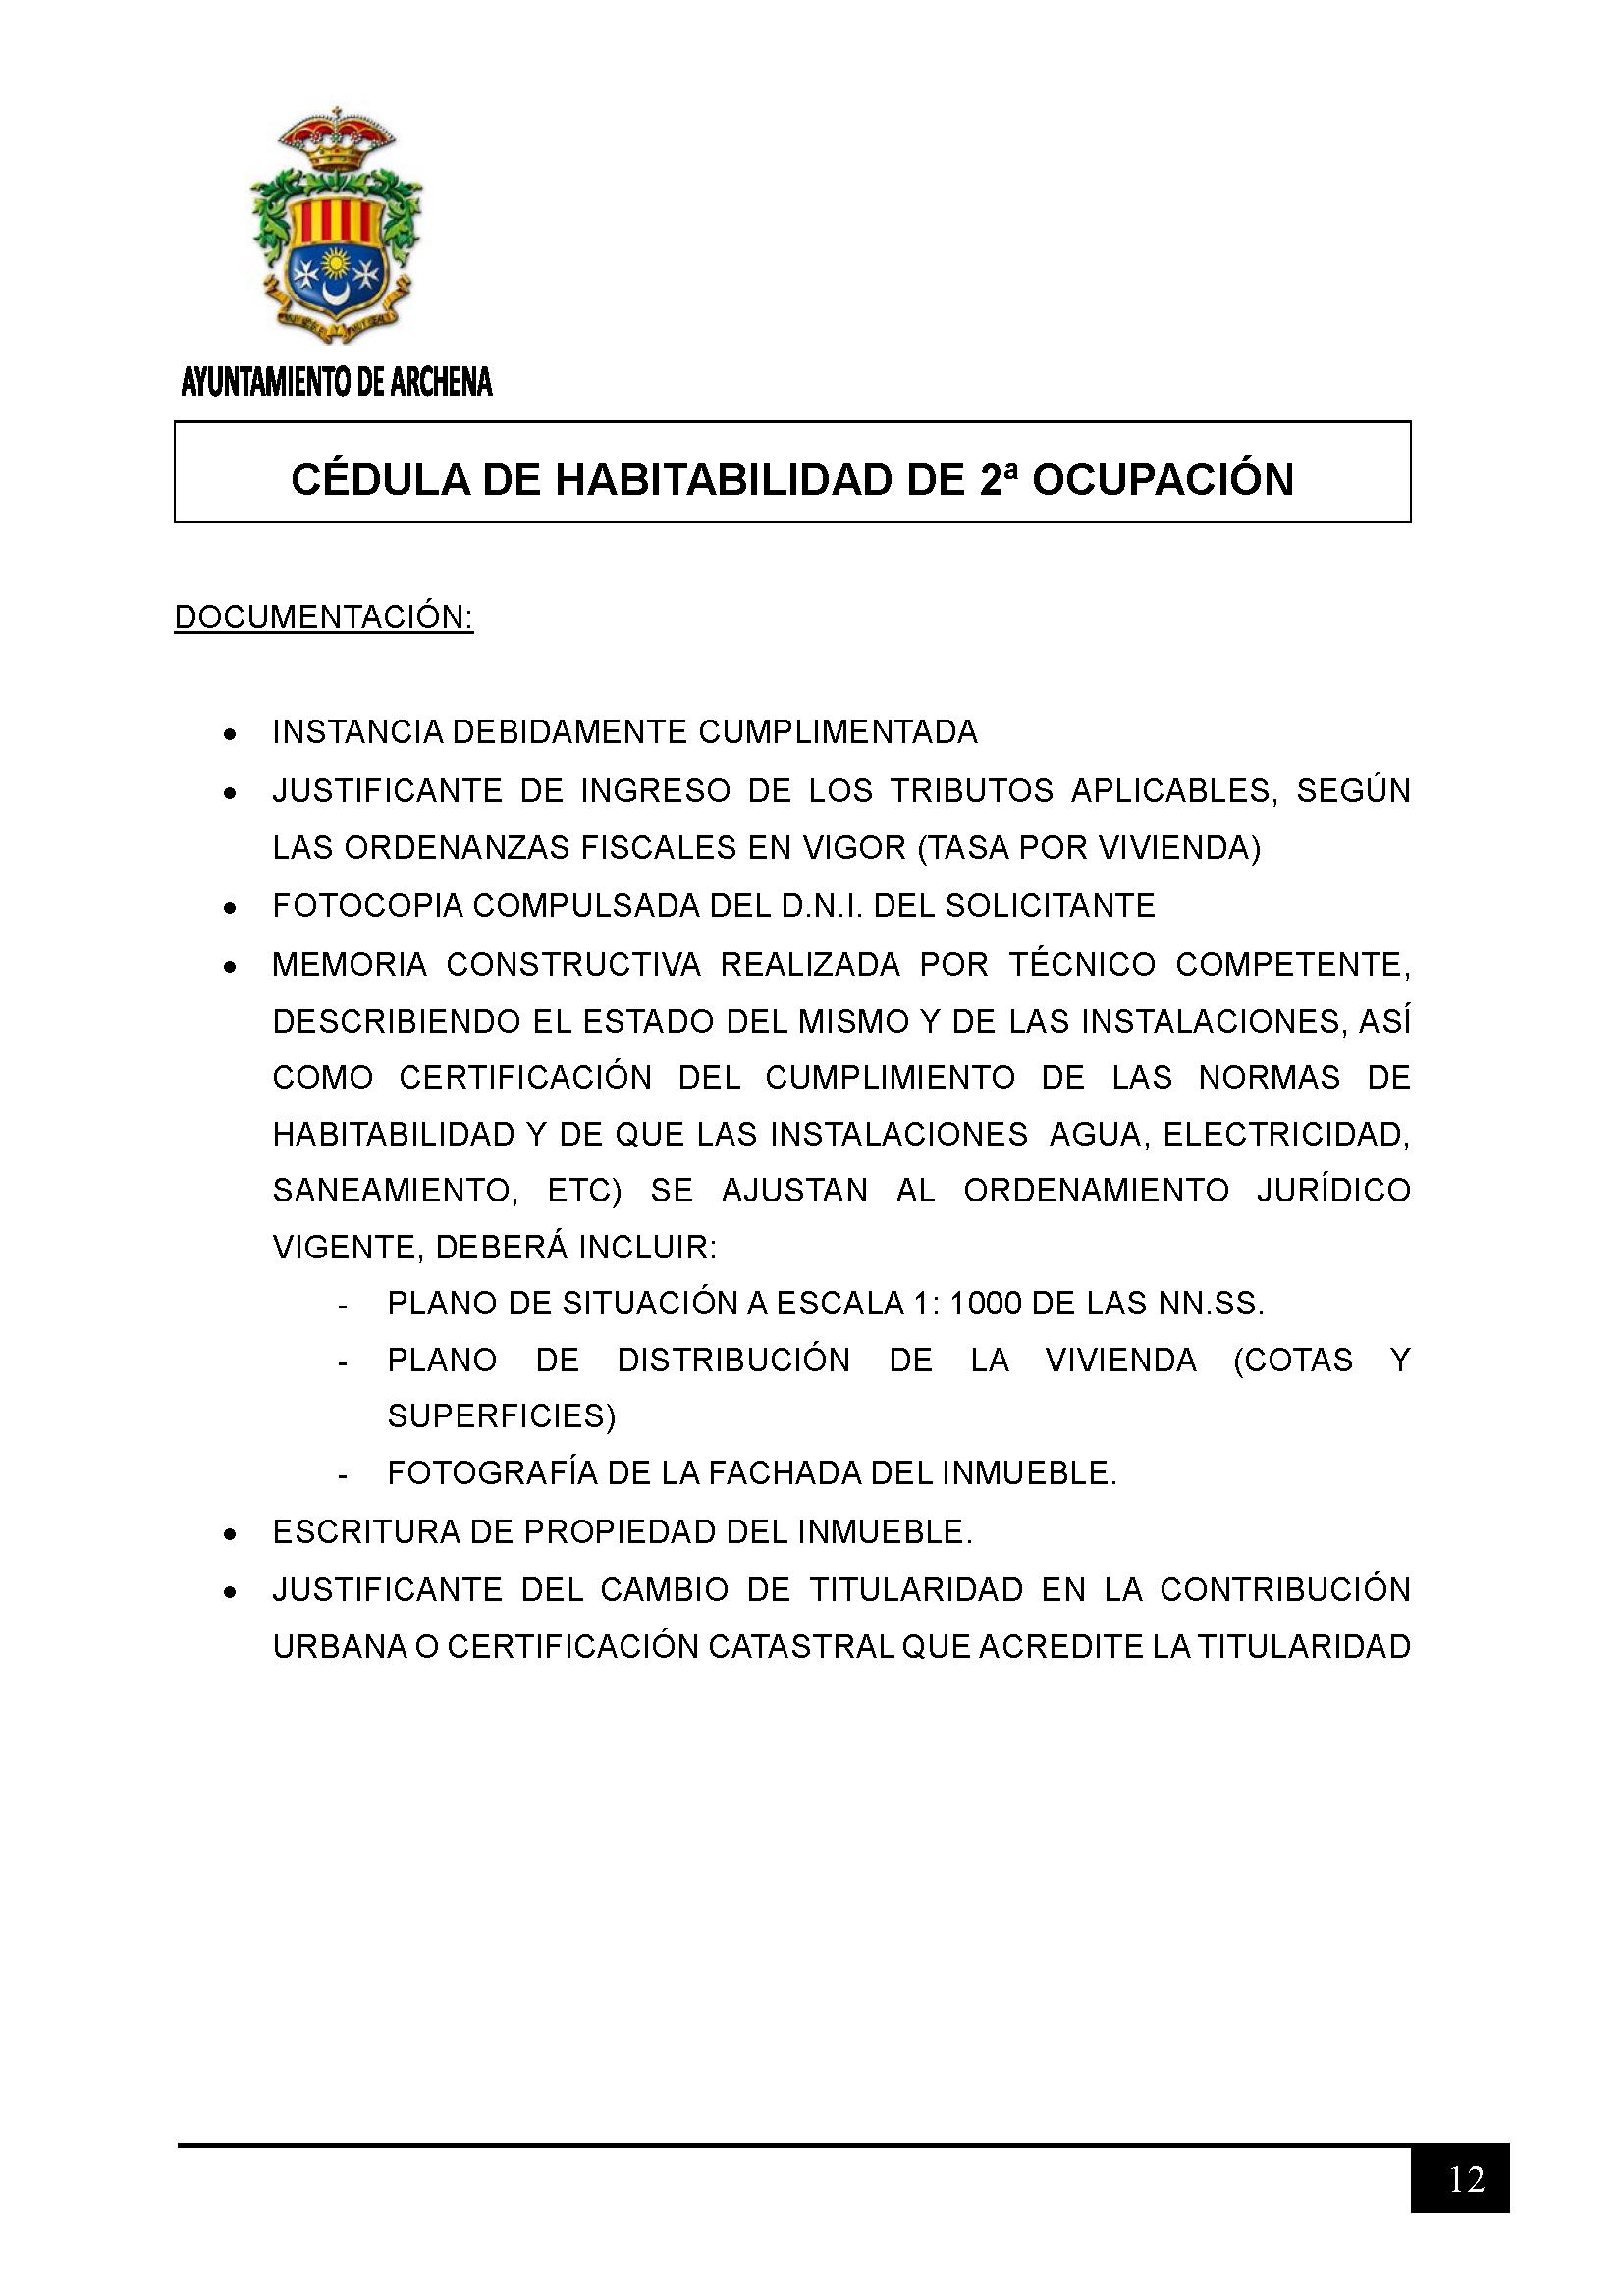 Impreso Declaración Responsable Segunda Ocupacion Archena 2 - Documentación